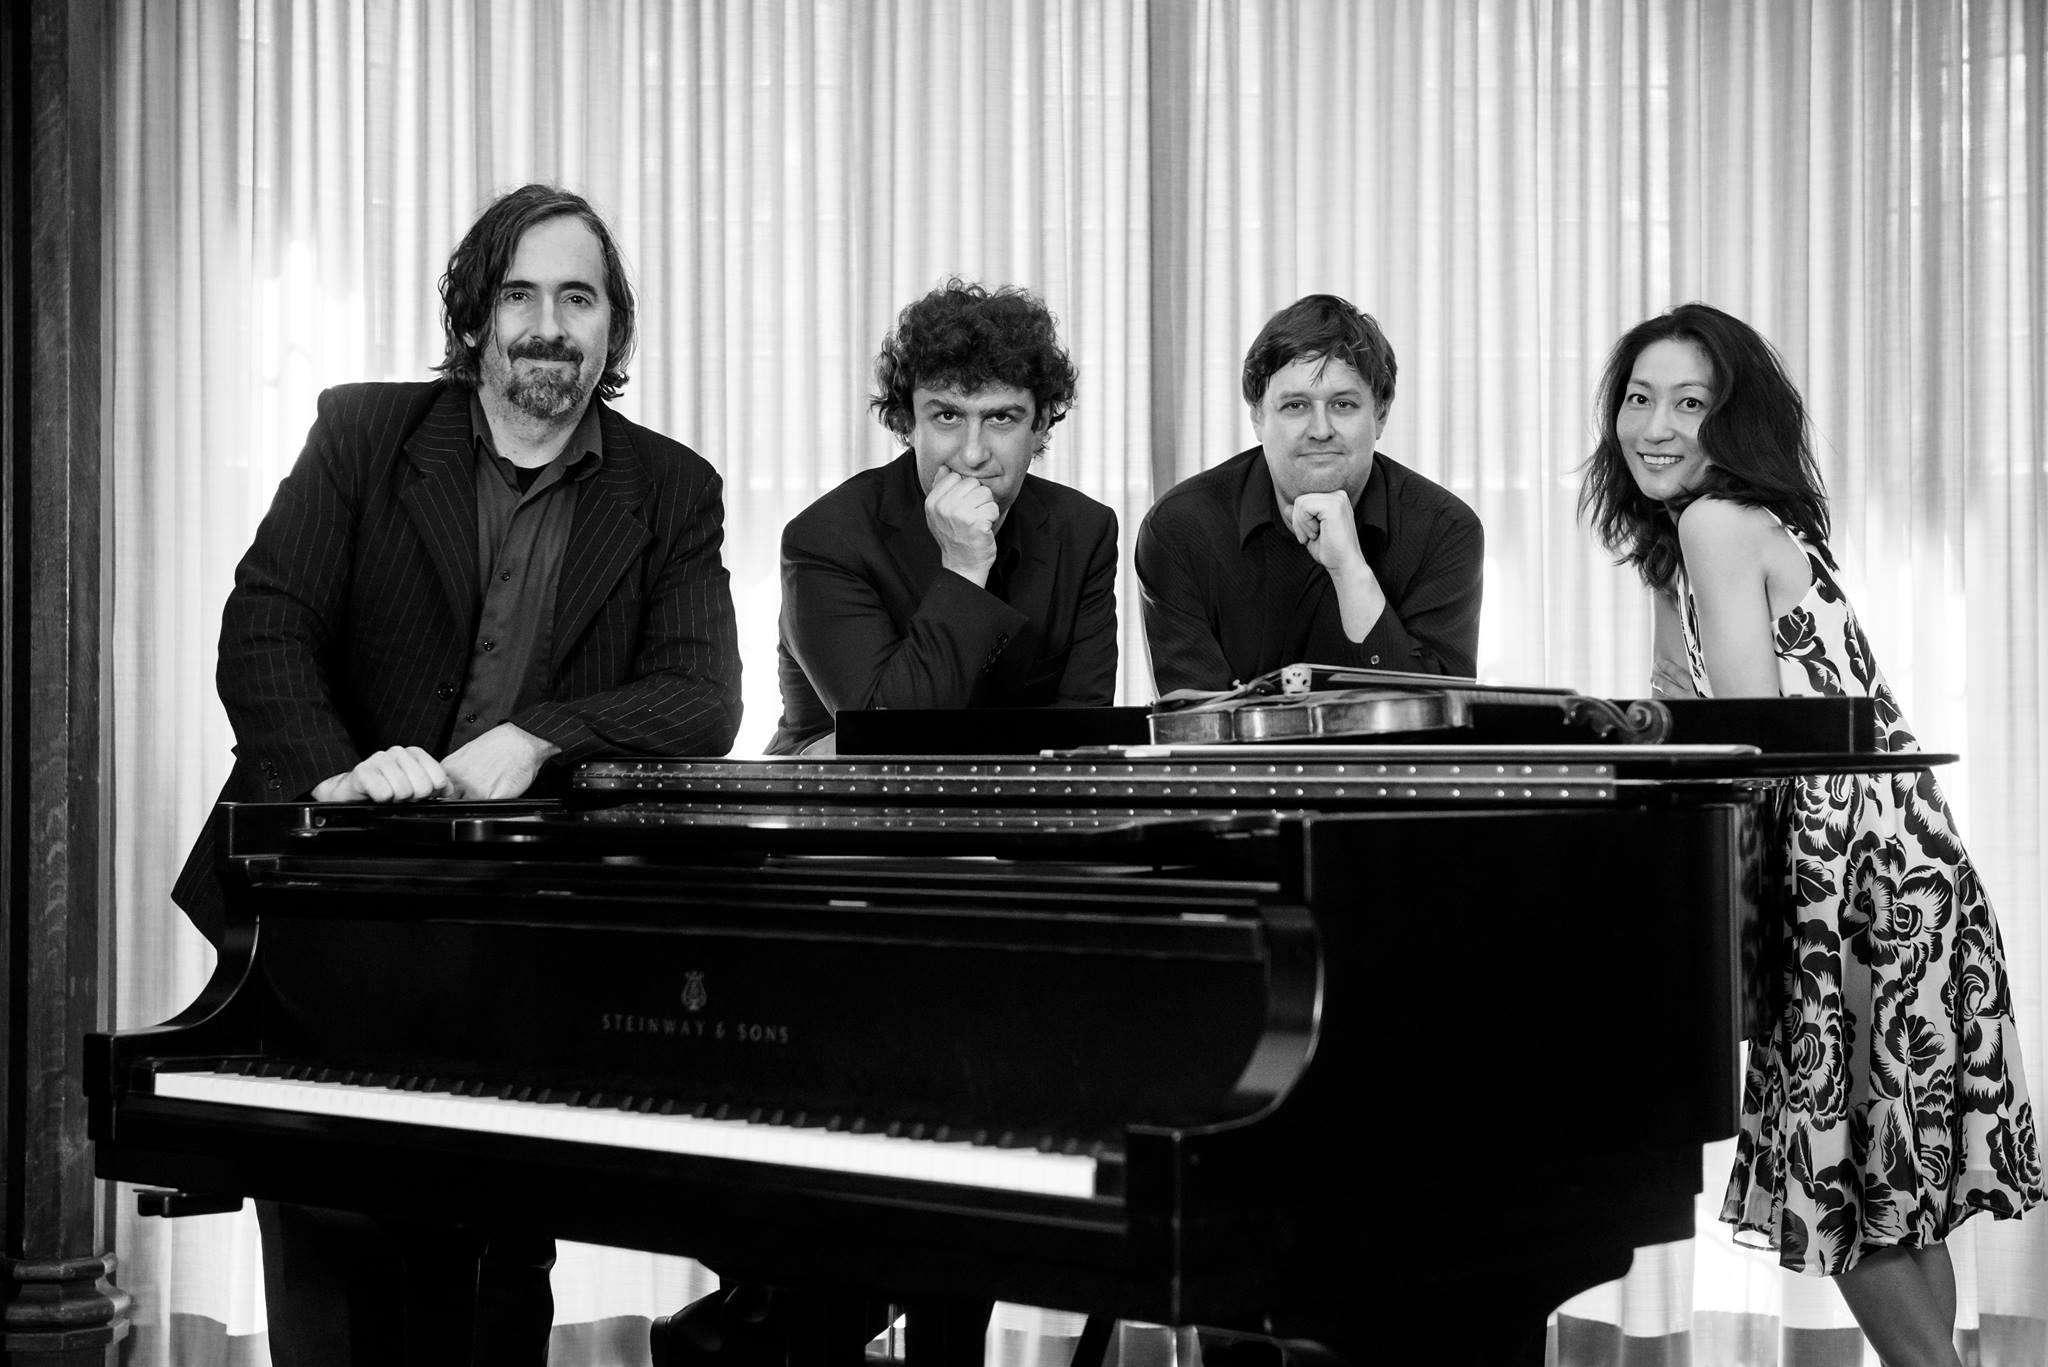 Cuarteto Puentes - Based in SF CA